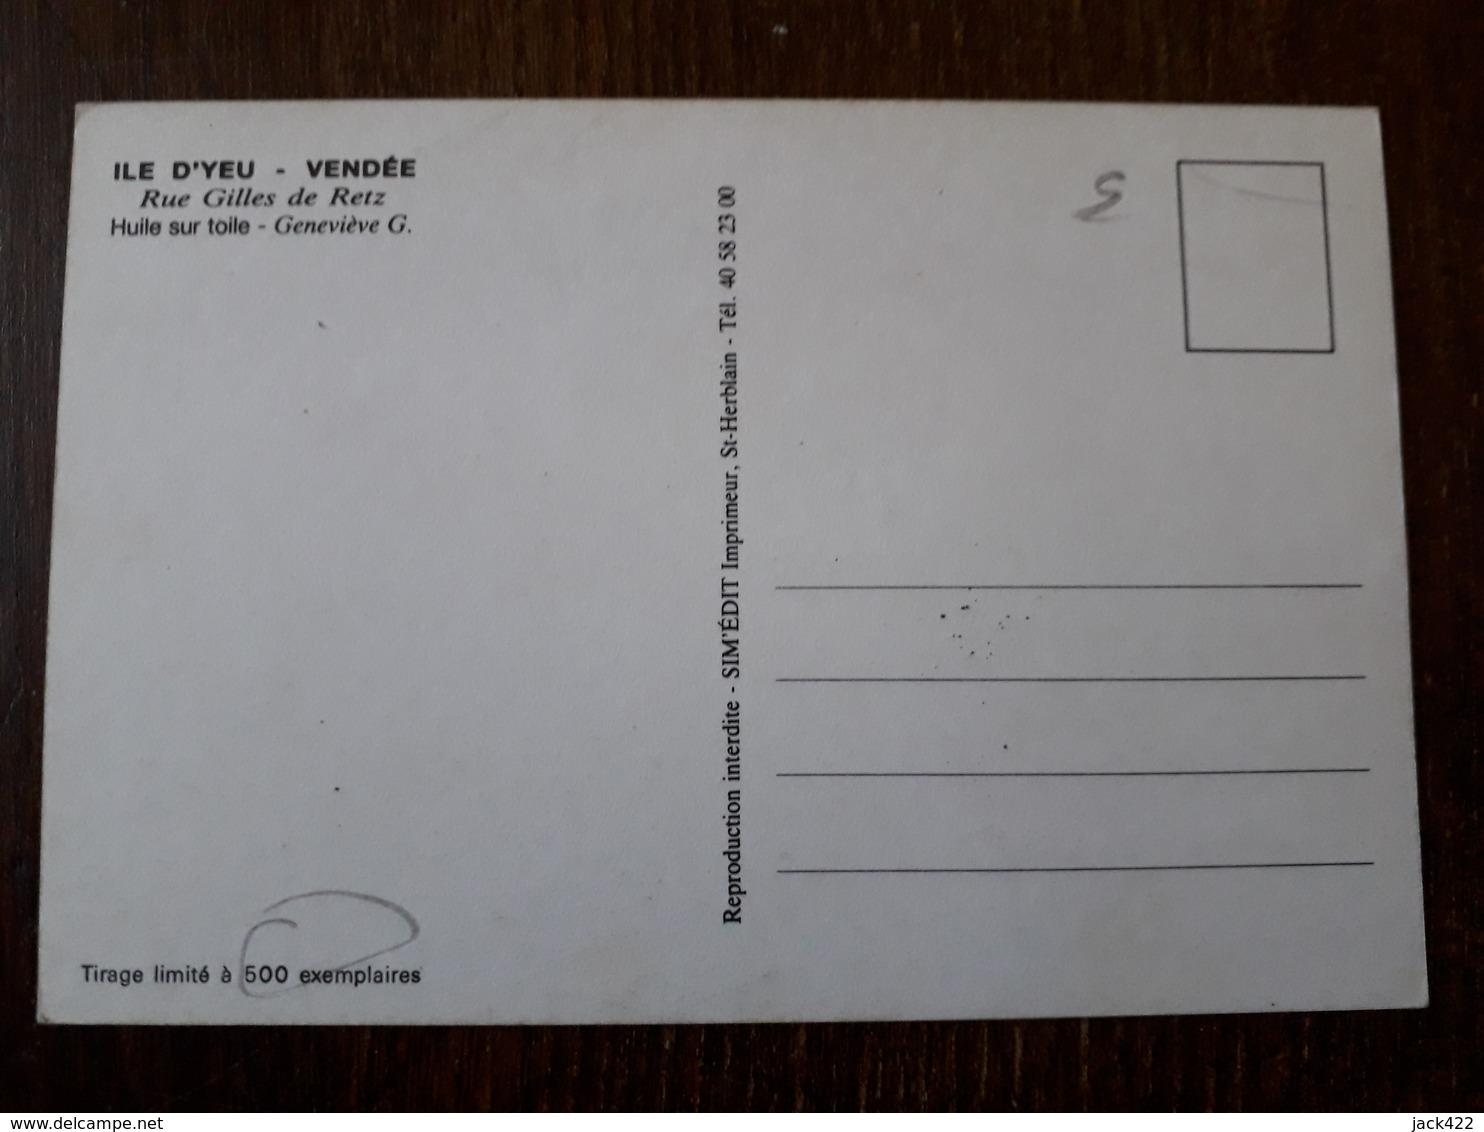 L27/579 Ile D'Yeu - Rue Gilles De Retz - Huile Sur Toile - Genneviève G . Limité à 500 Exemplaires - Ile D'Yeu